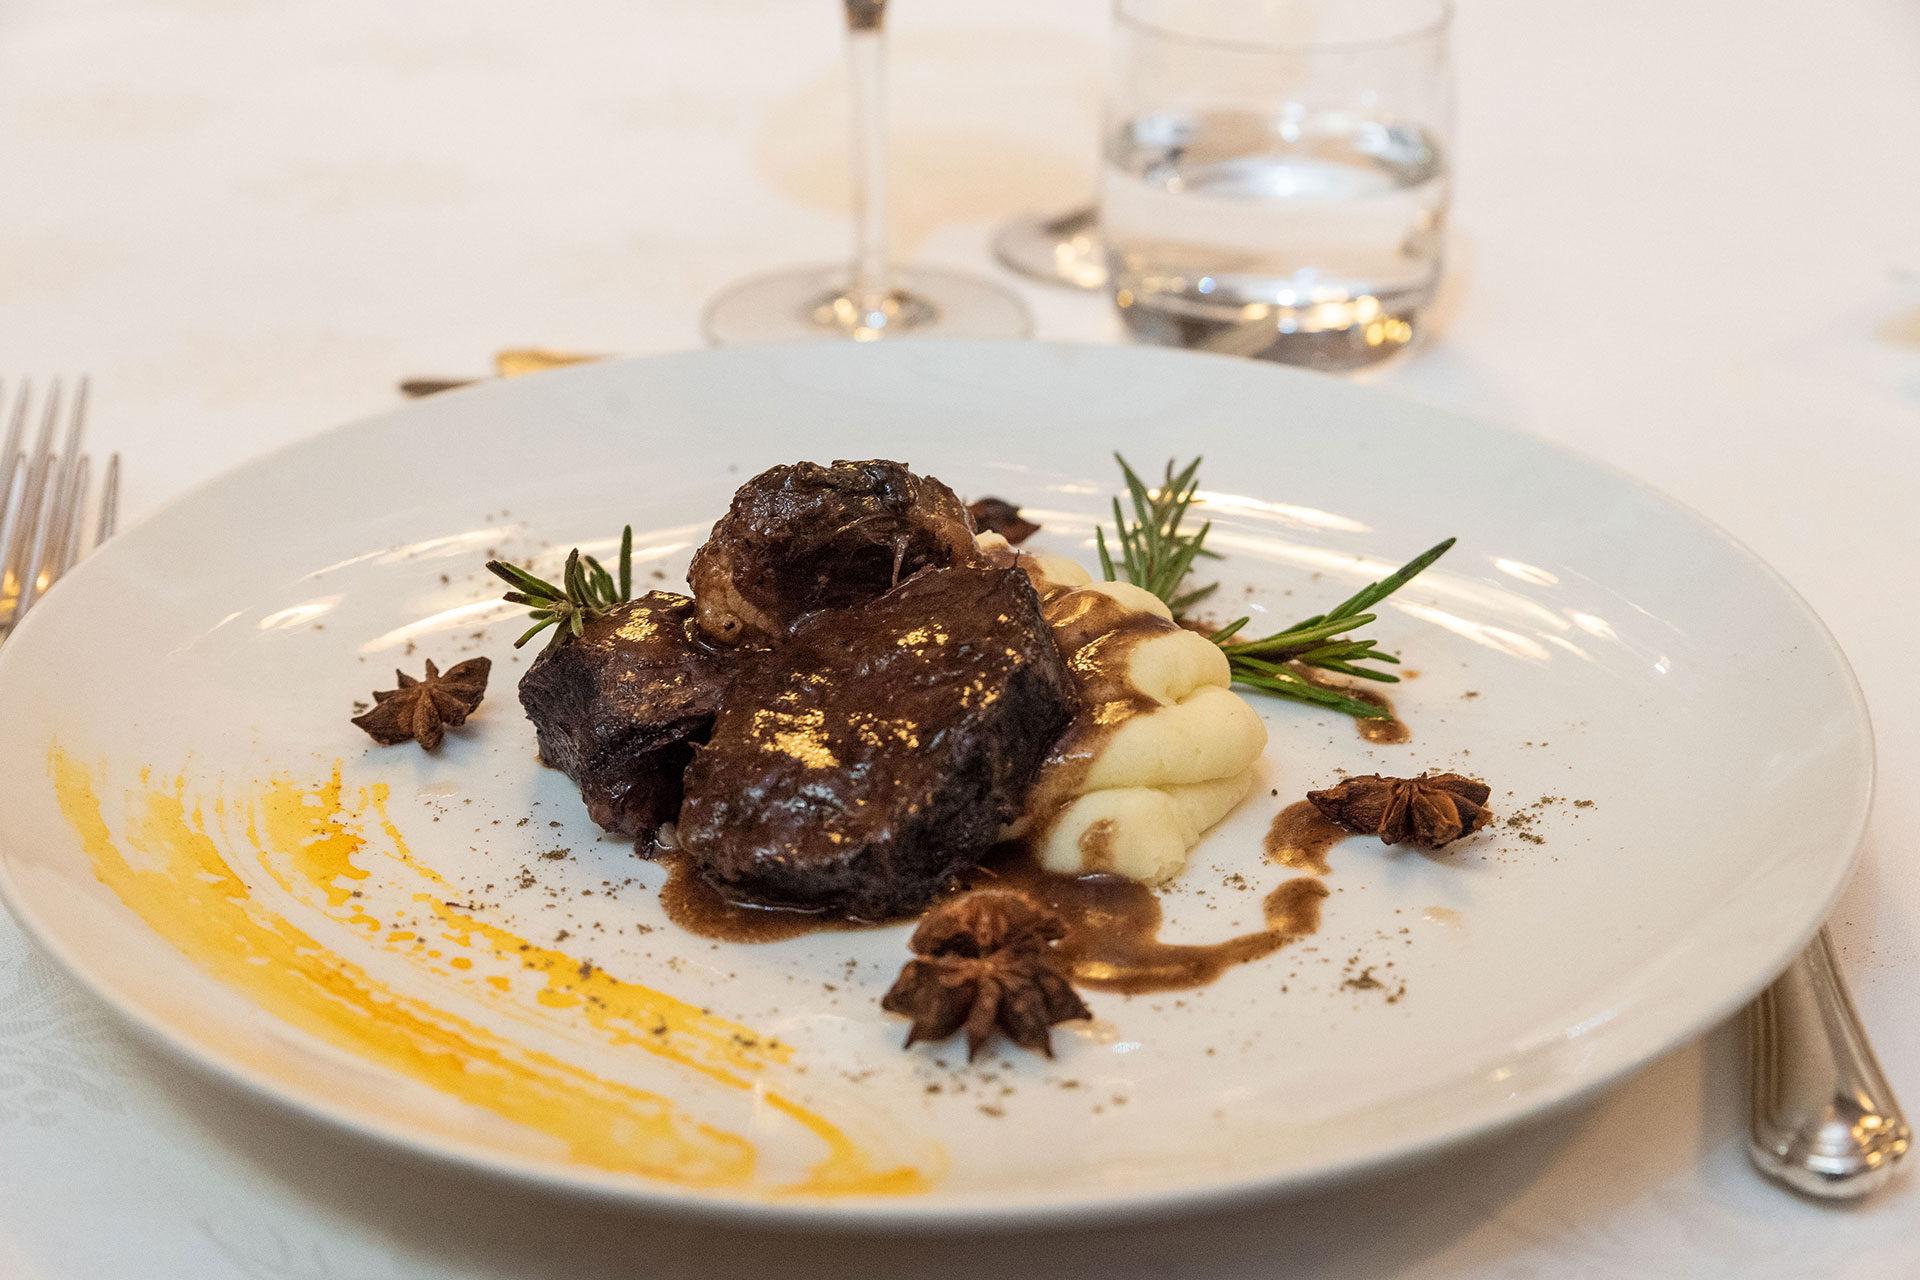 Ricette pasquali umbre -ricette-pasqua-umbria - Easter umbrian Recipes - easter recipes - hotel Fonte Cesia